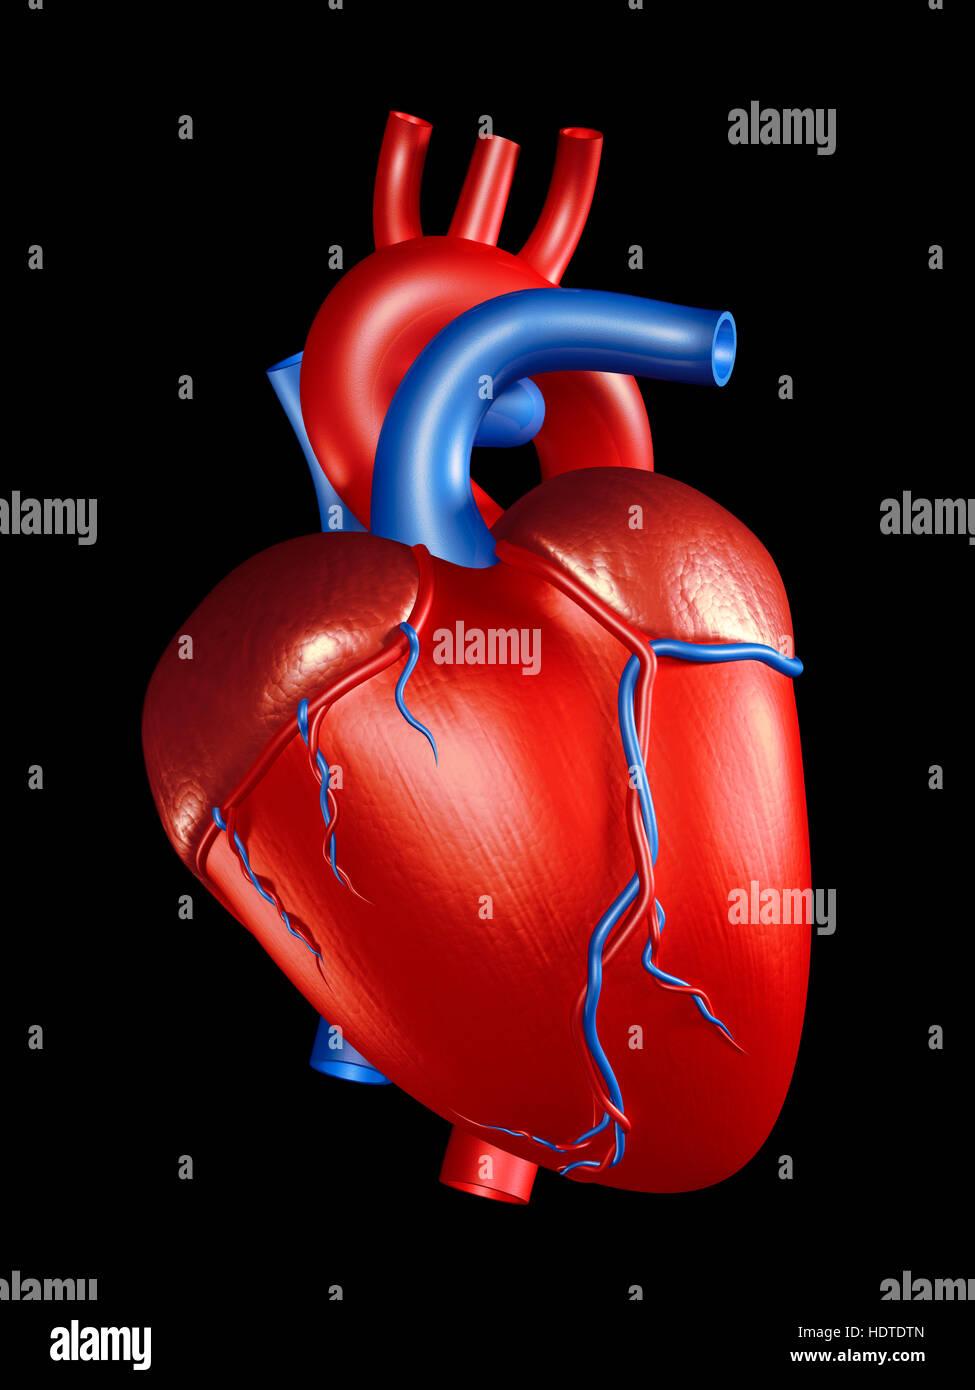 Corazón humano, ilustración 3D Imagen De Stock